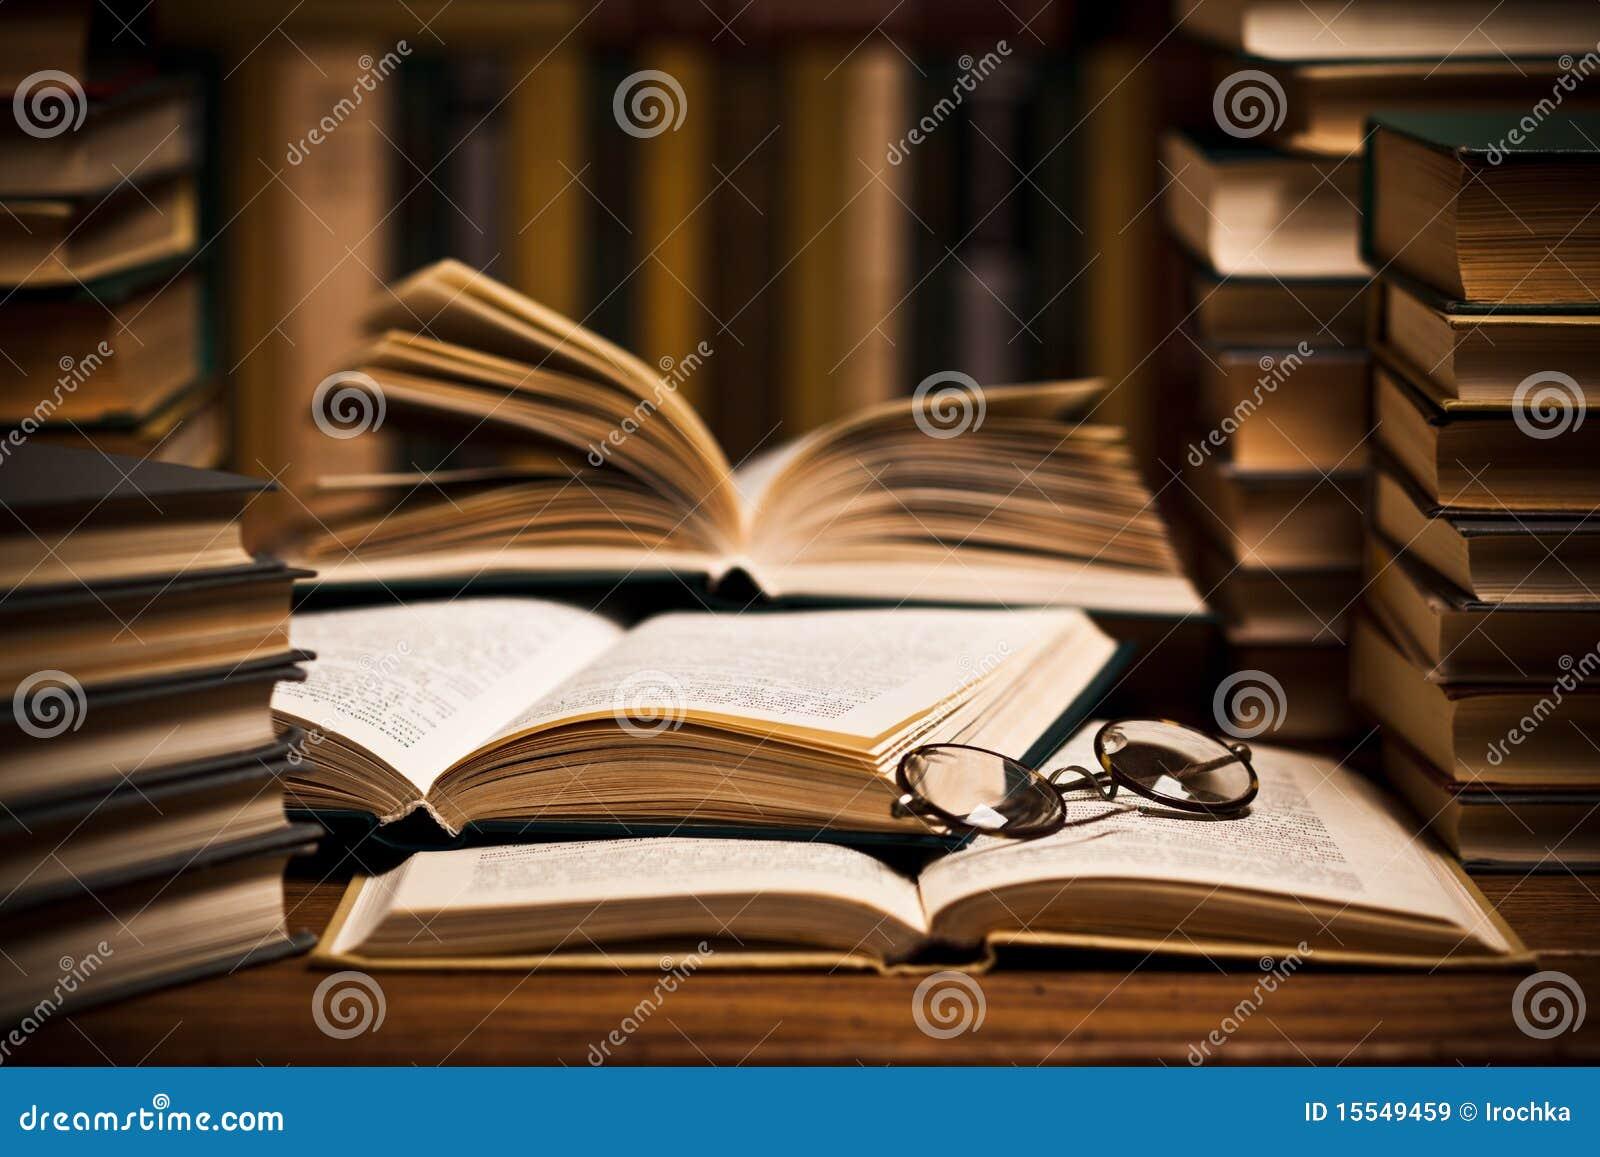 Download De boeken van de lezing stock afbeelding. Afbeelding bestaande uit bibliotheek - 15549459